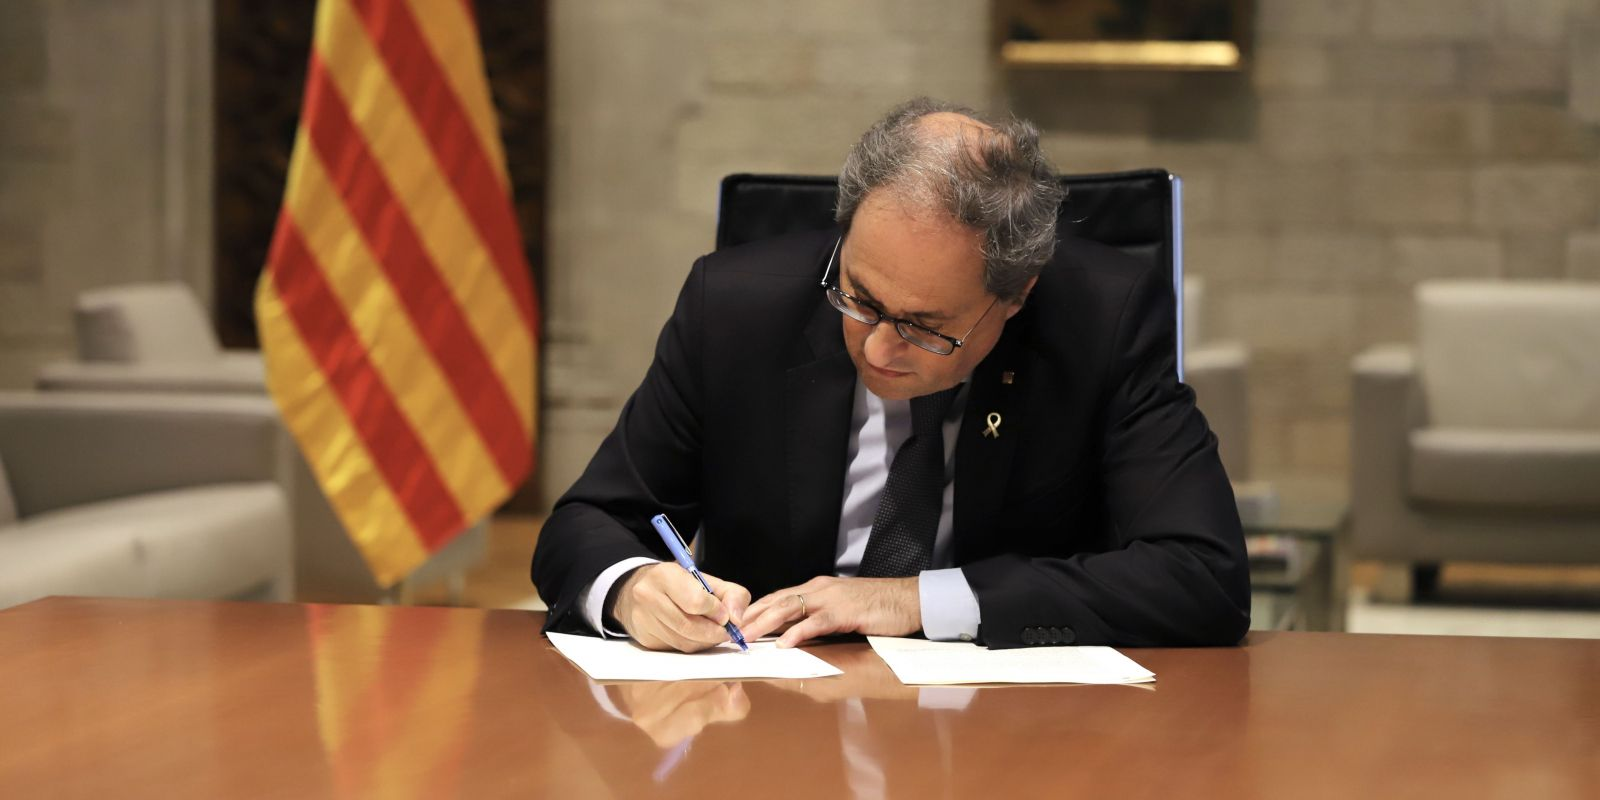 El president del Govern, Quim Torra, signa el decret de l'etapa de represa | ACN